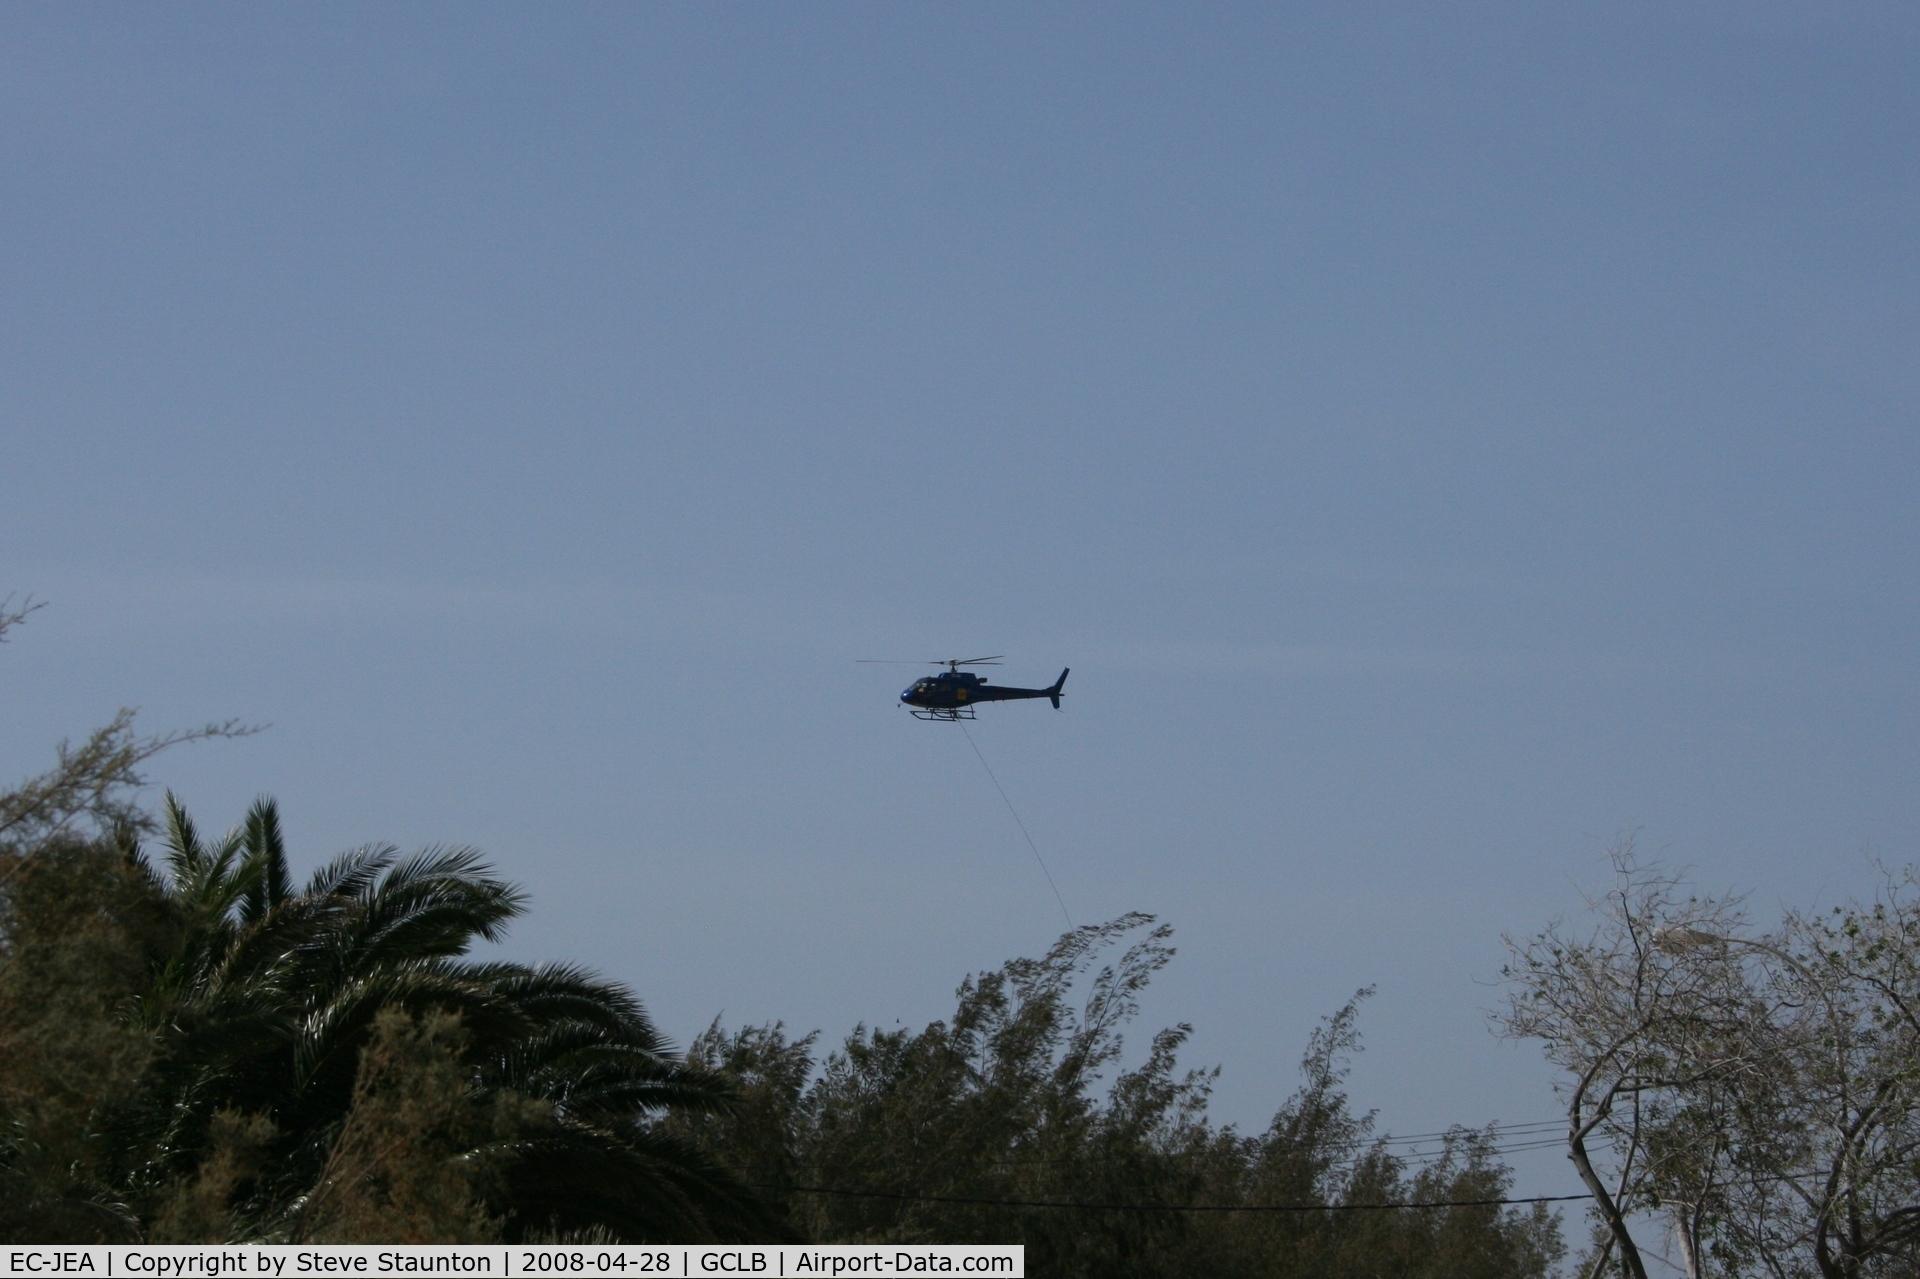 EC-JEA, Aerospatiale AS-350B-3 Ecureuil C/N 3819, Taken at El Berriel, Gran Canaria.